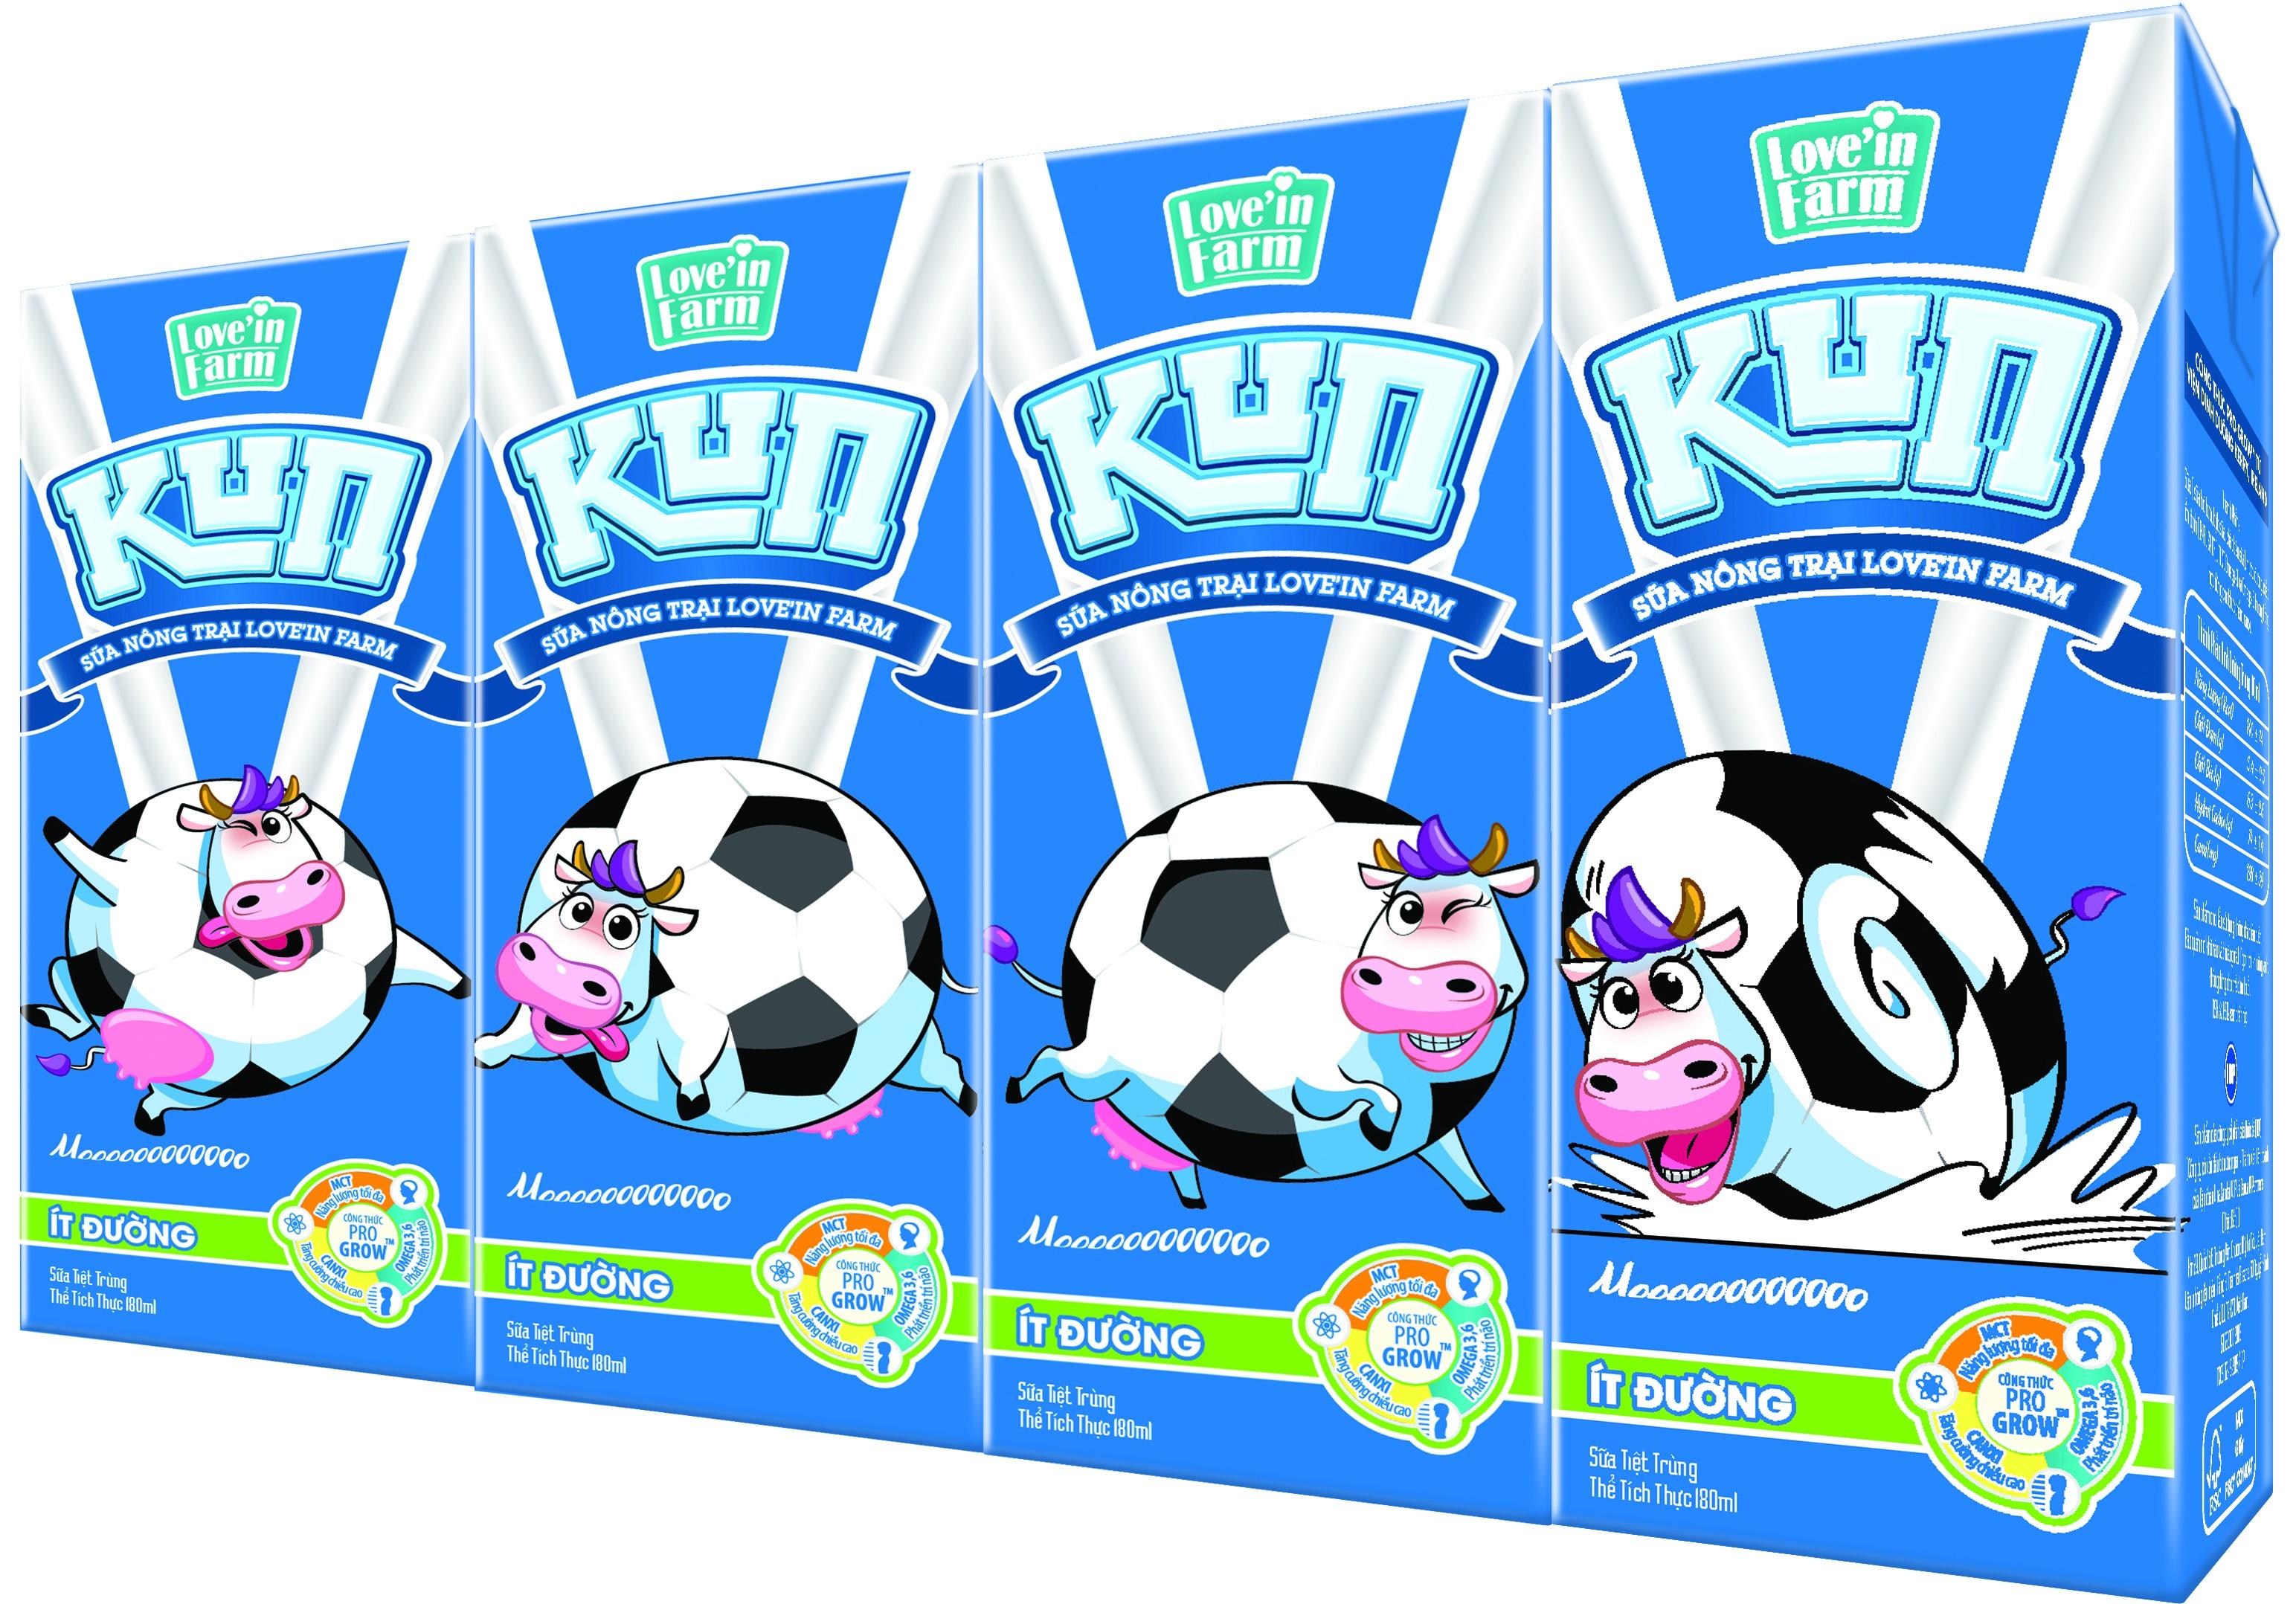 Sữa trắng KUN của Love'in Farm có bổ sung công thức dinh dưỡng theo tiêu chuẩn quốc tế